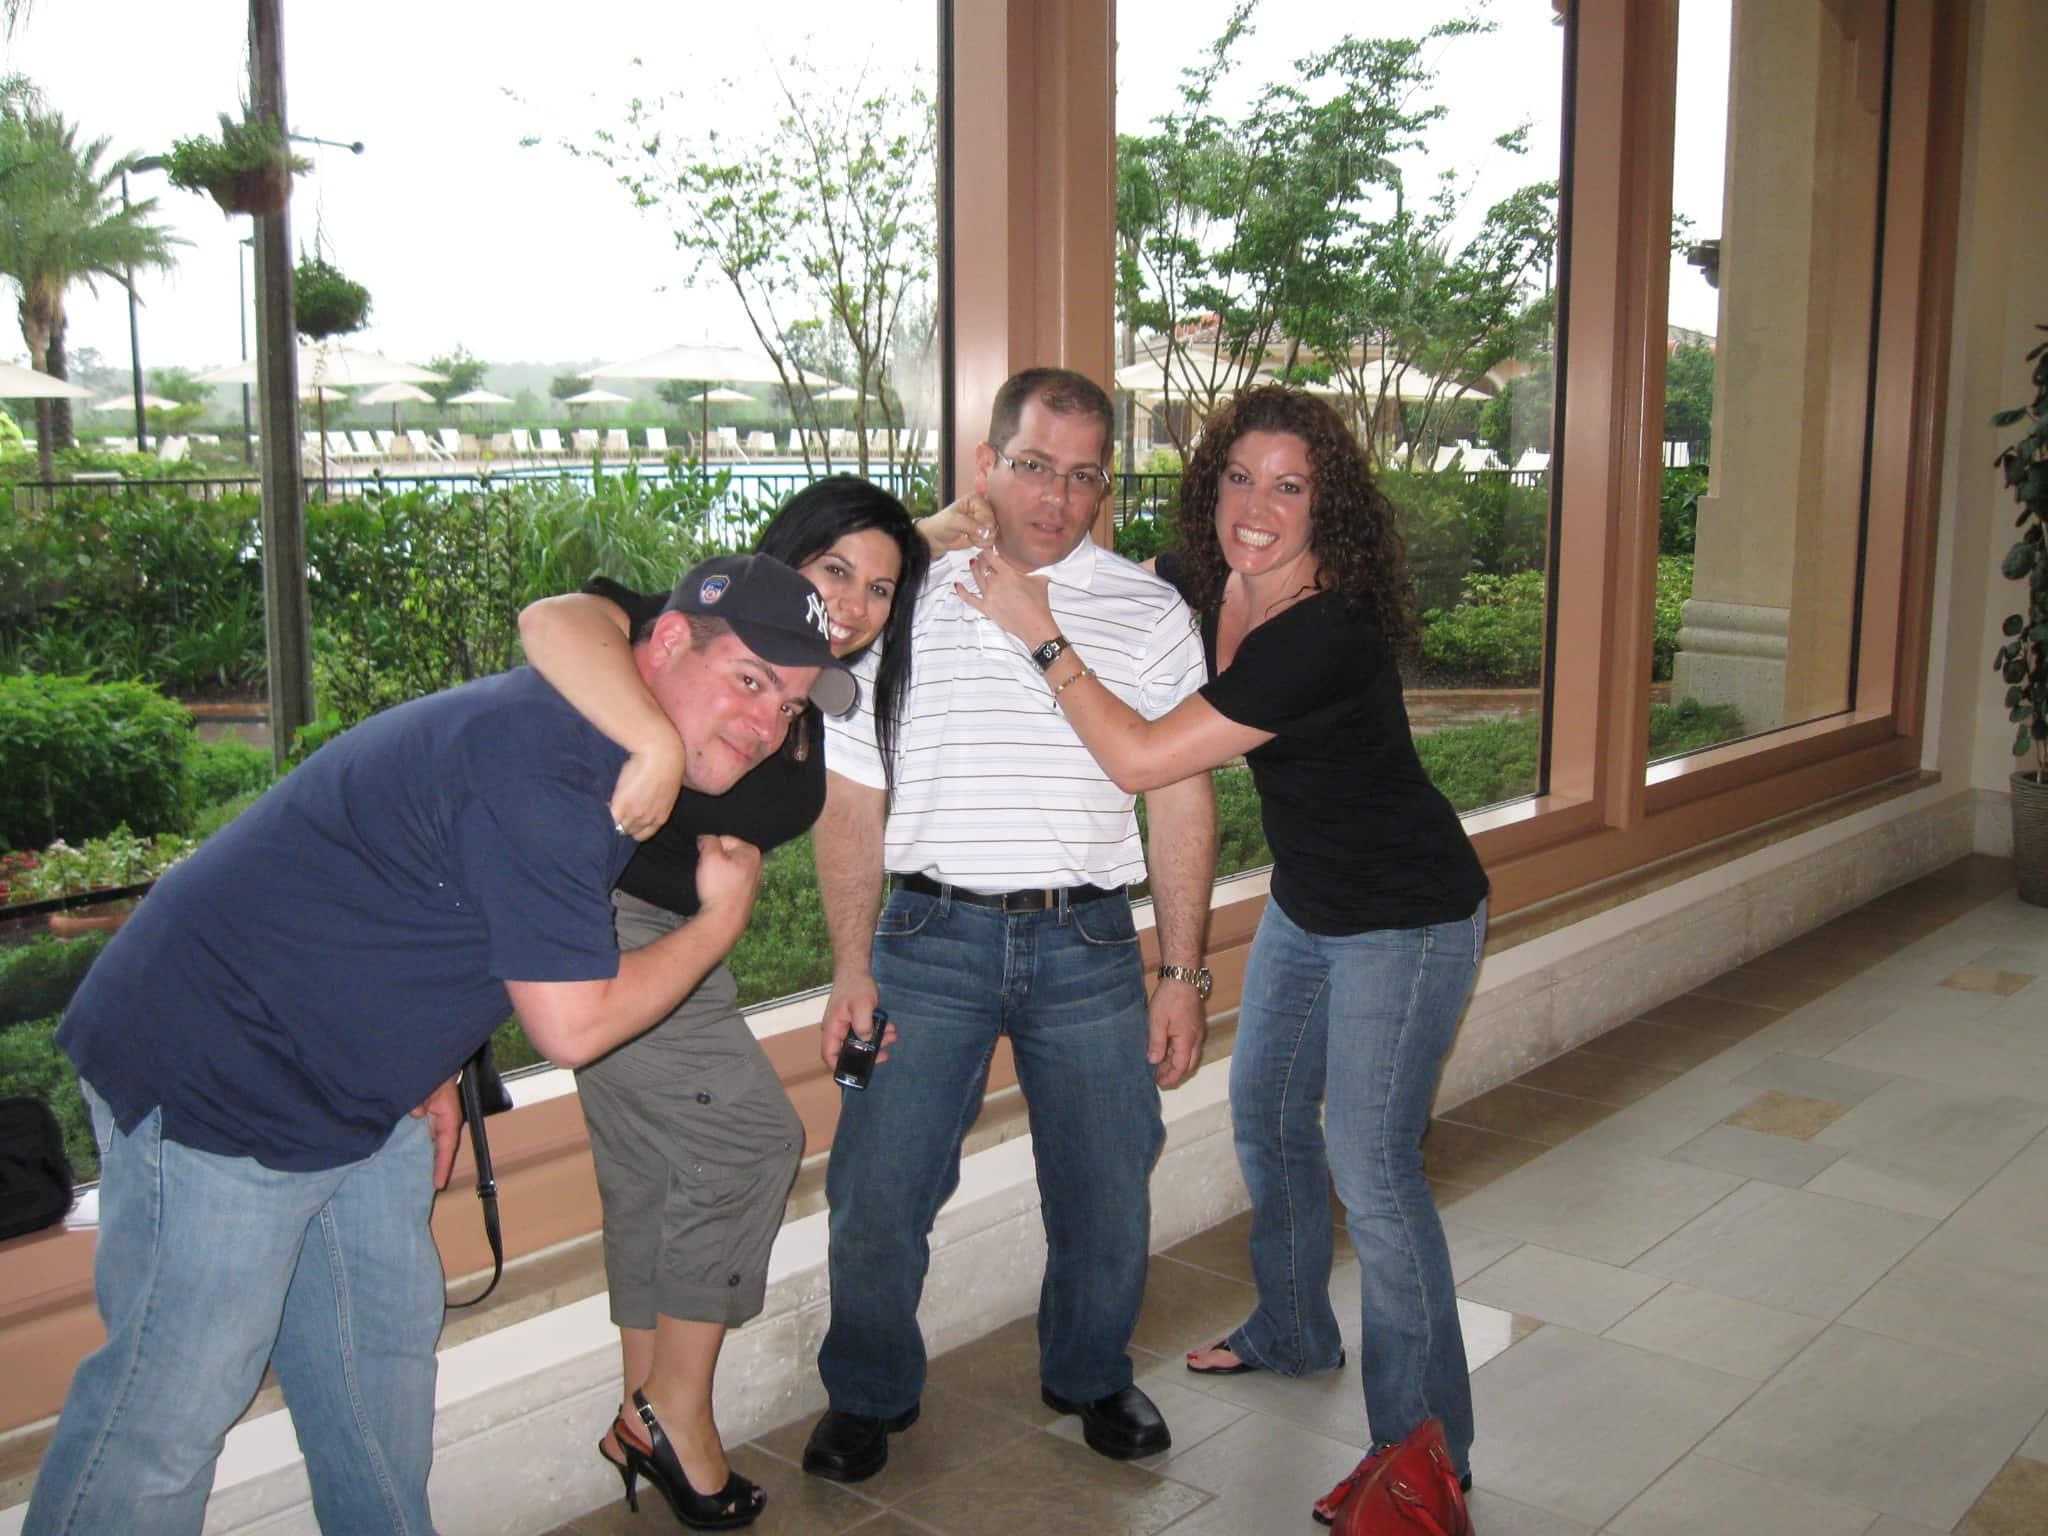 PRSMA Hero Quest Treasure Hunt in Orlando